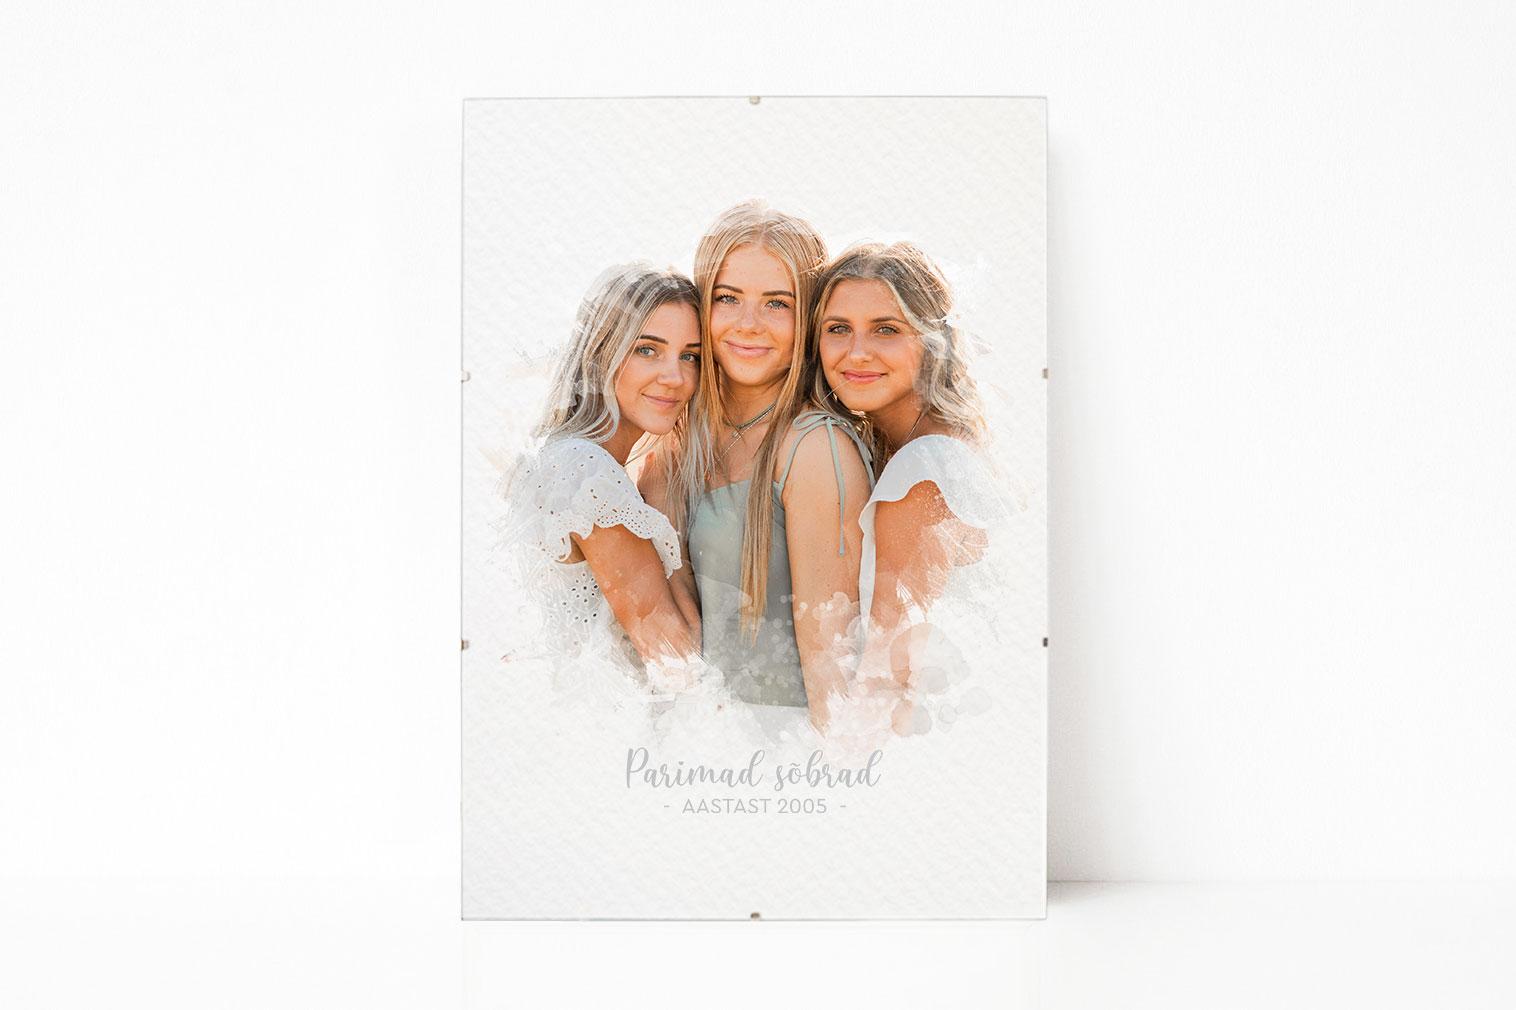 fotoposter parimad sõbrannad kingitus sõbrannale